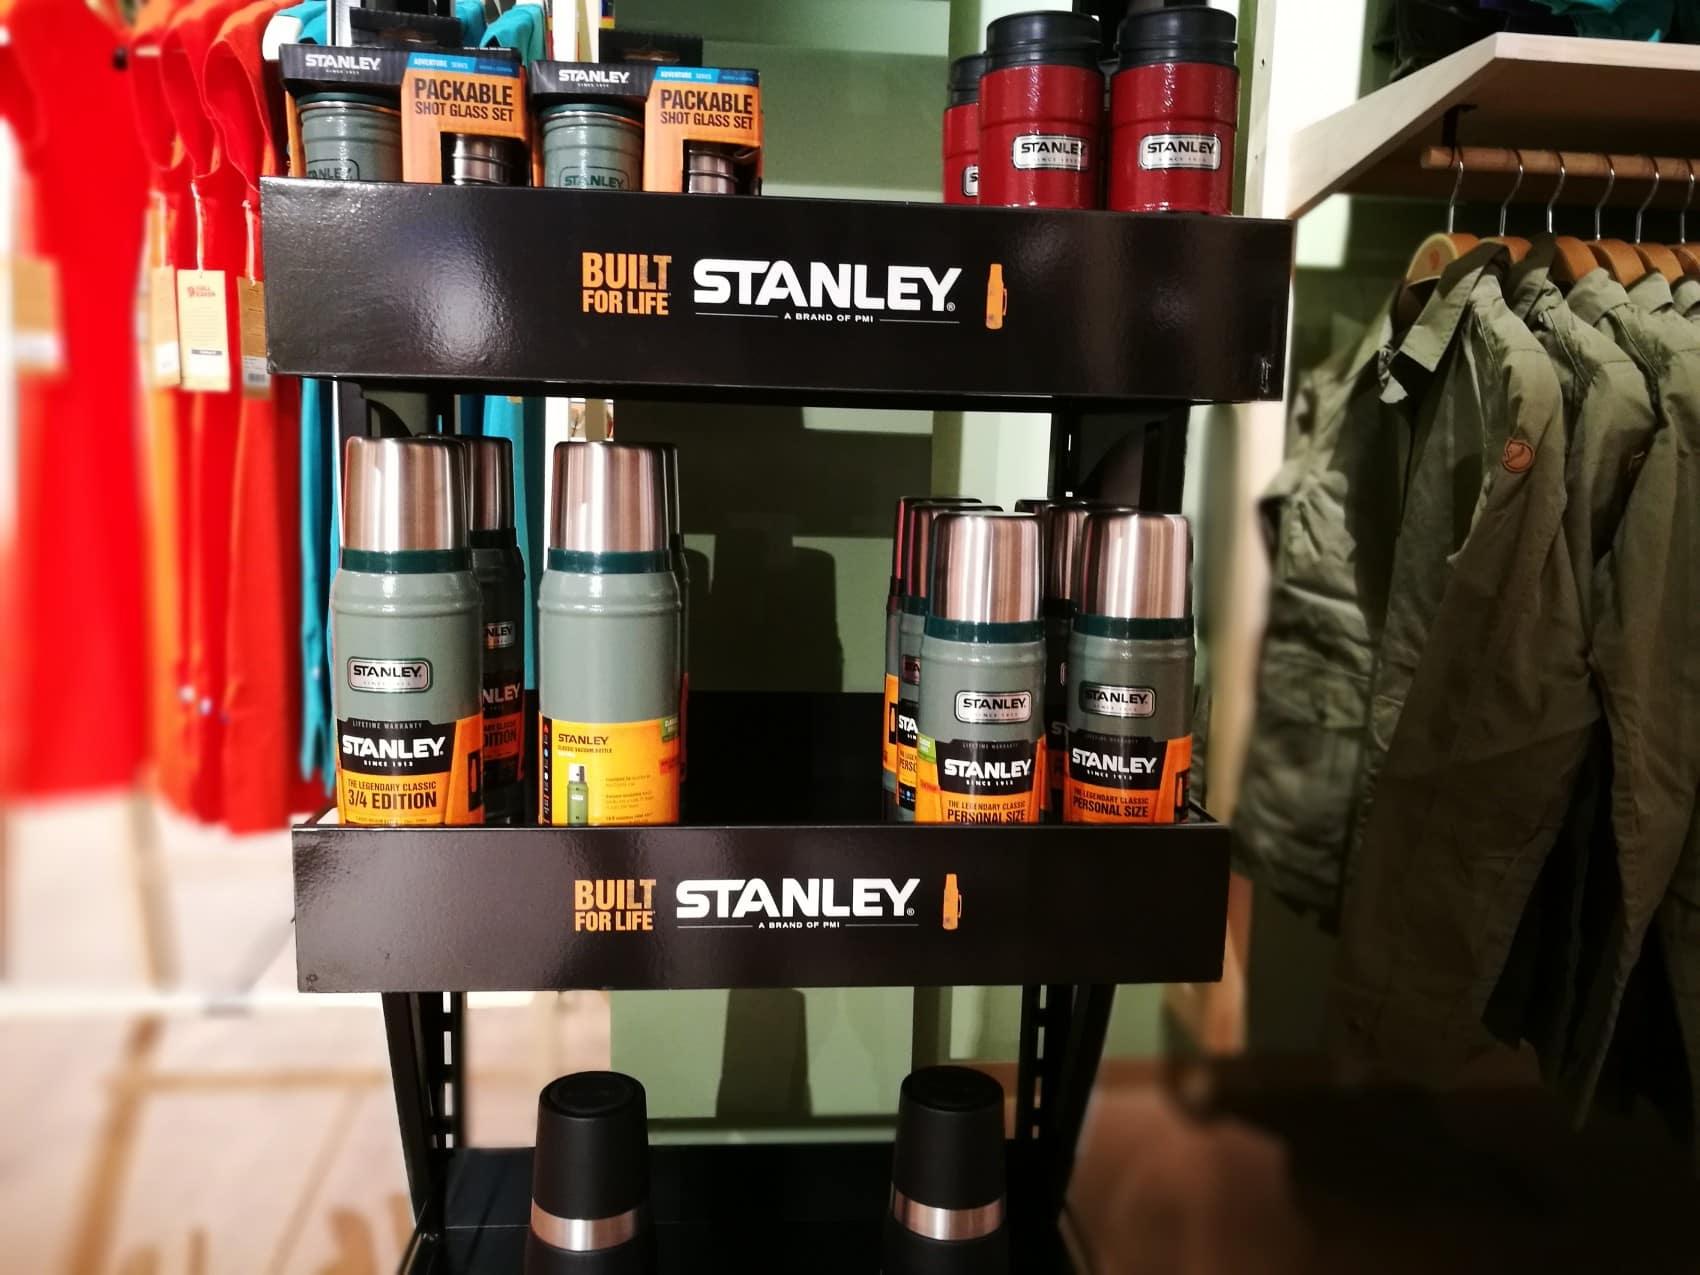 Stanley robuste termoser og turkopper